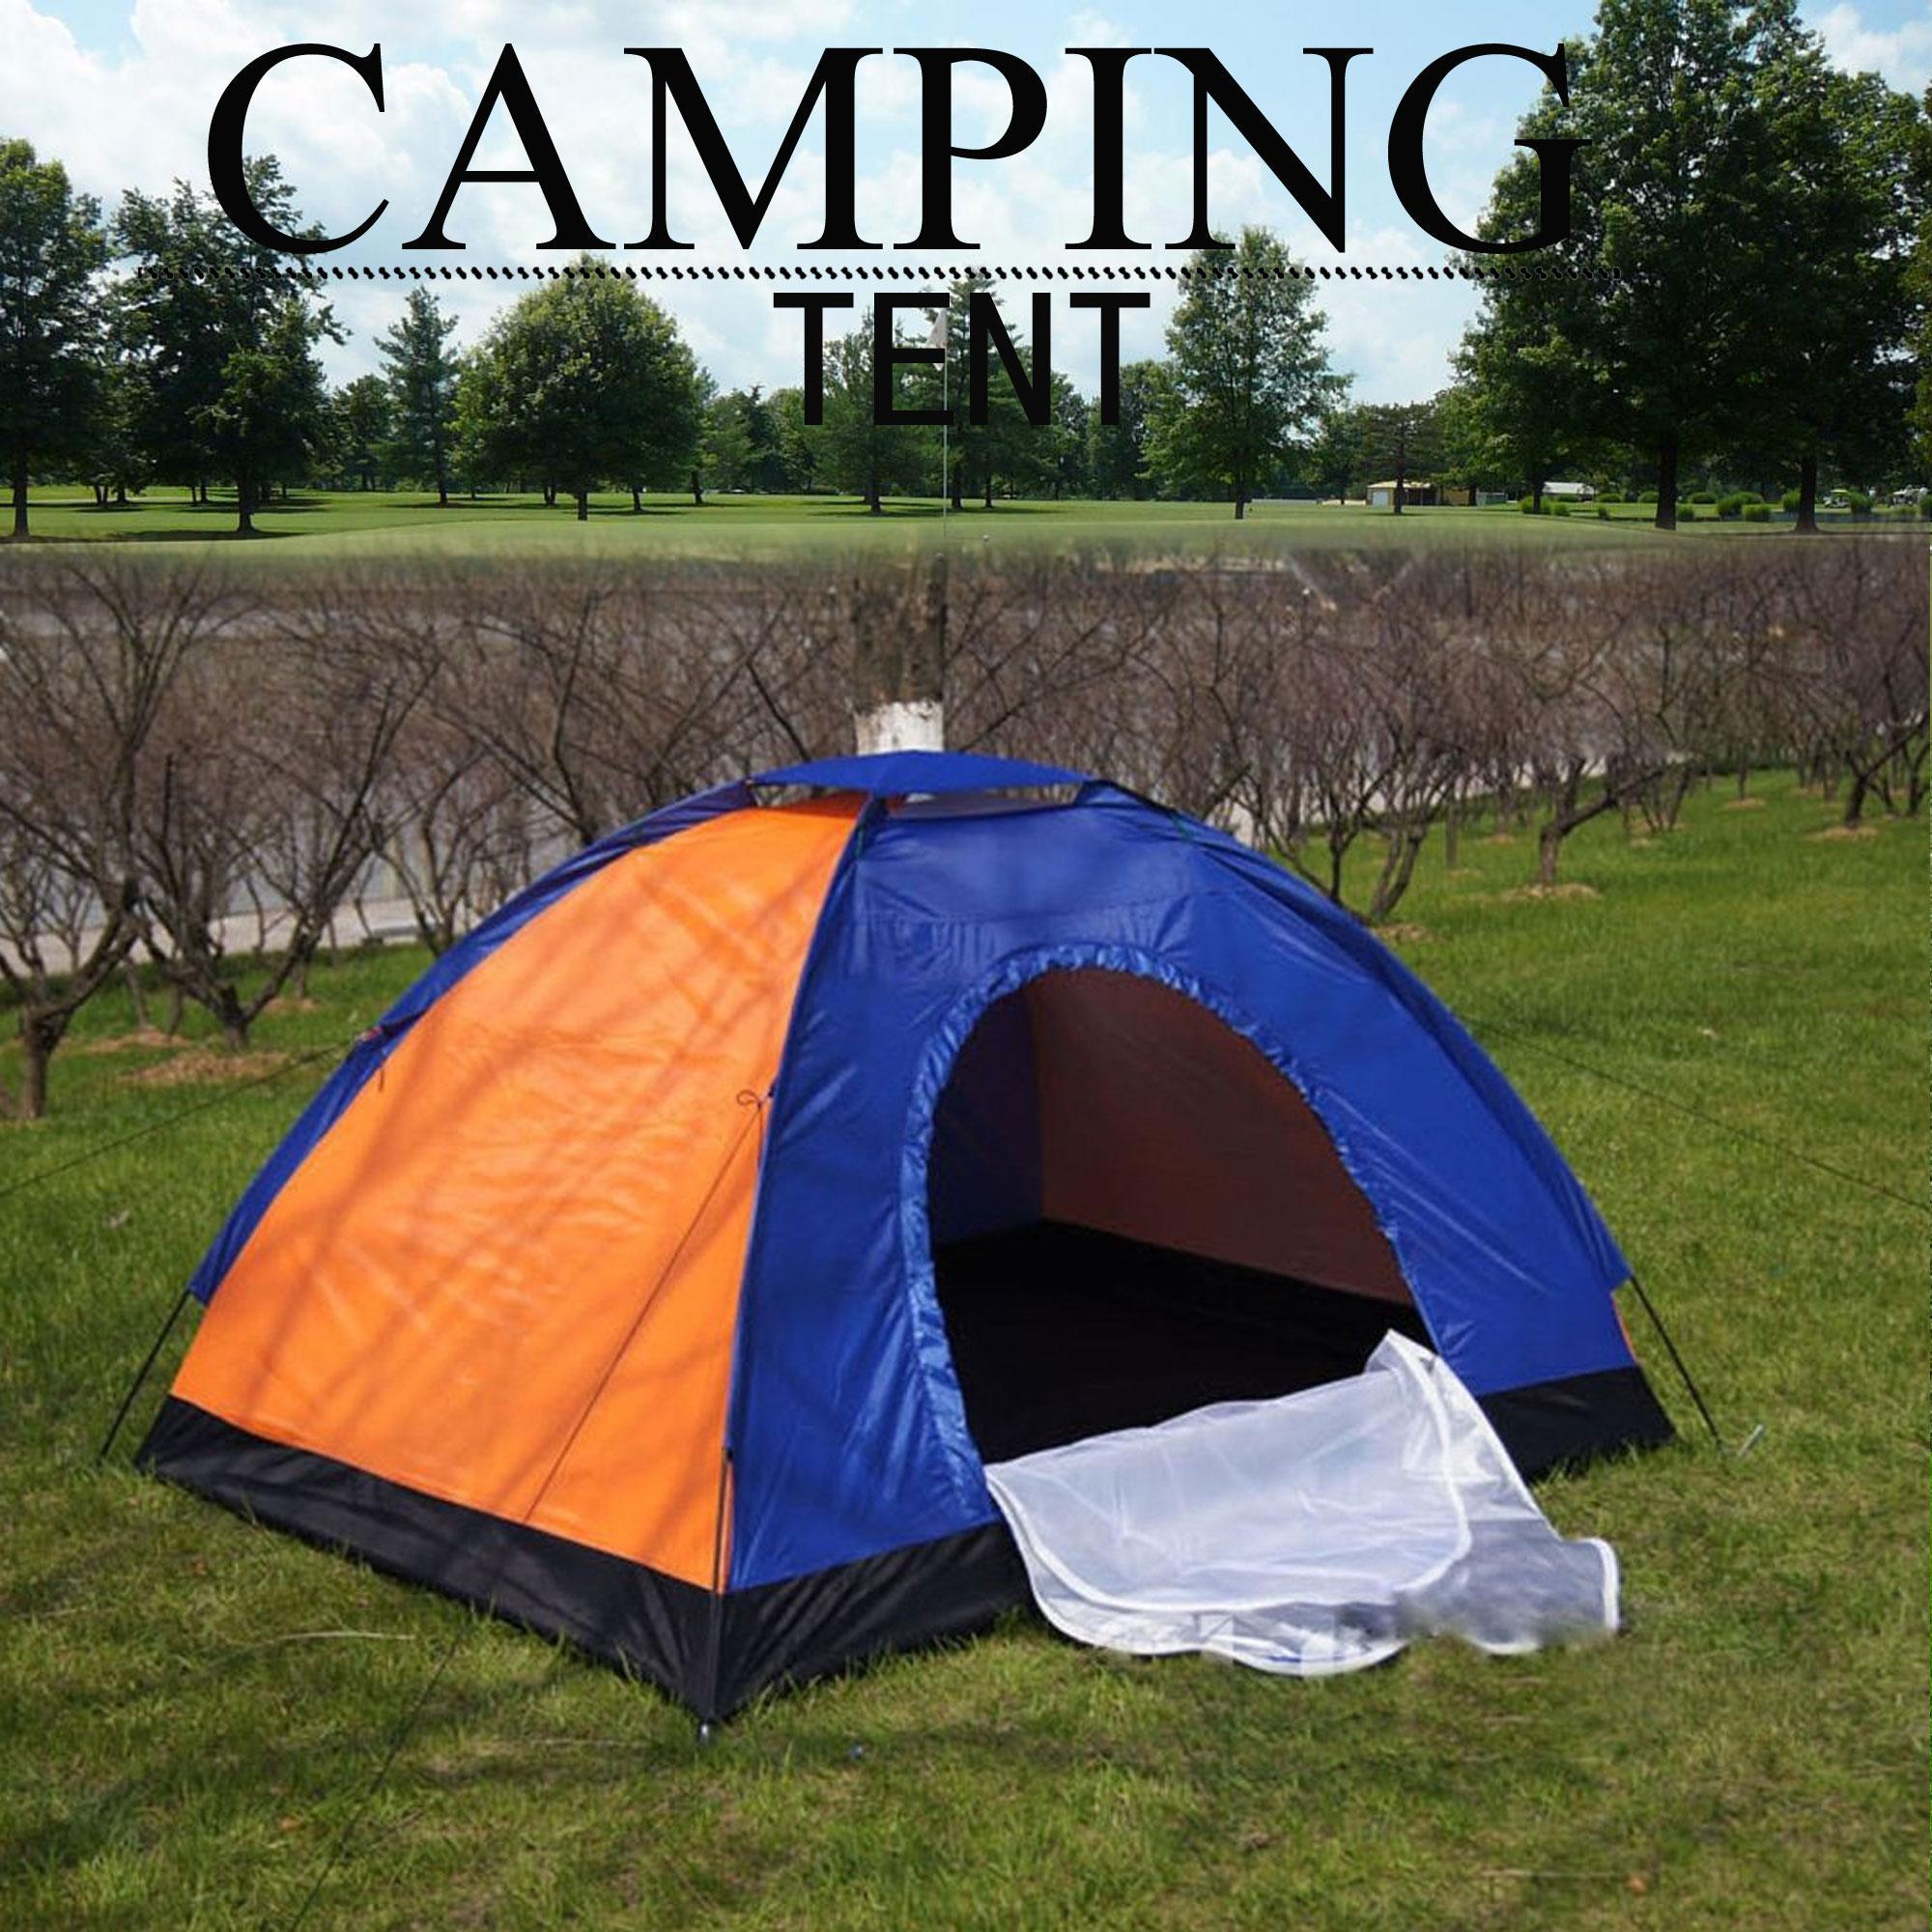 8 Person Dome Camping Tent Multicolor